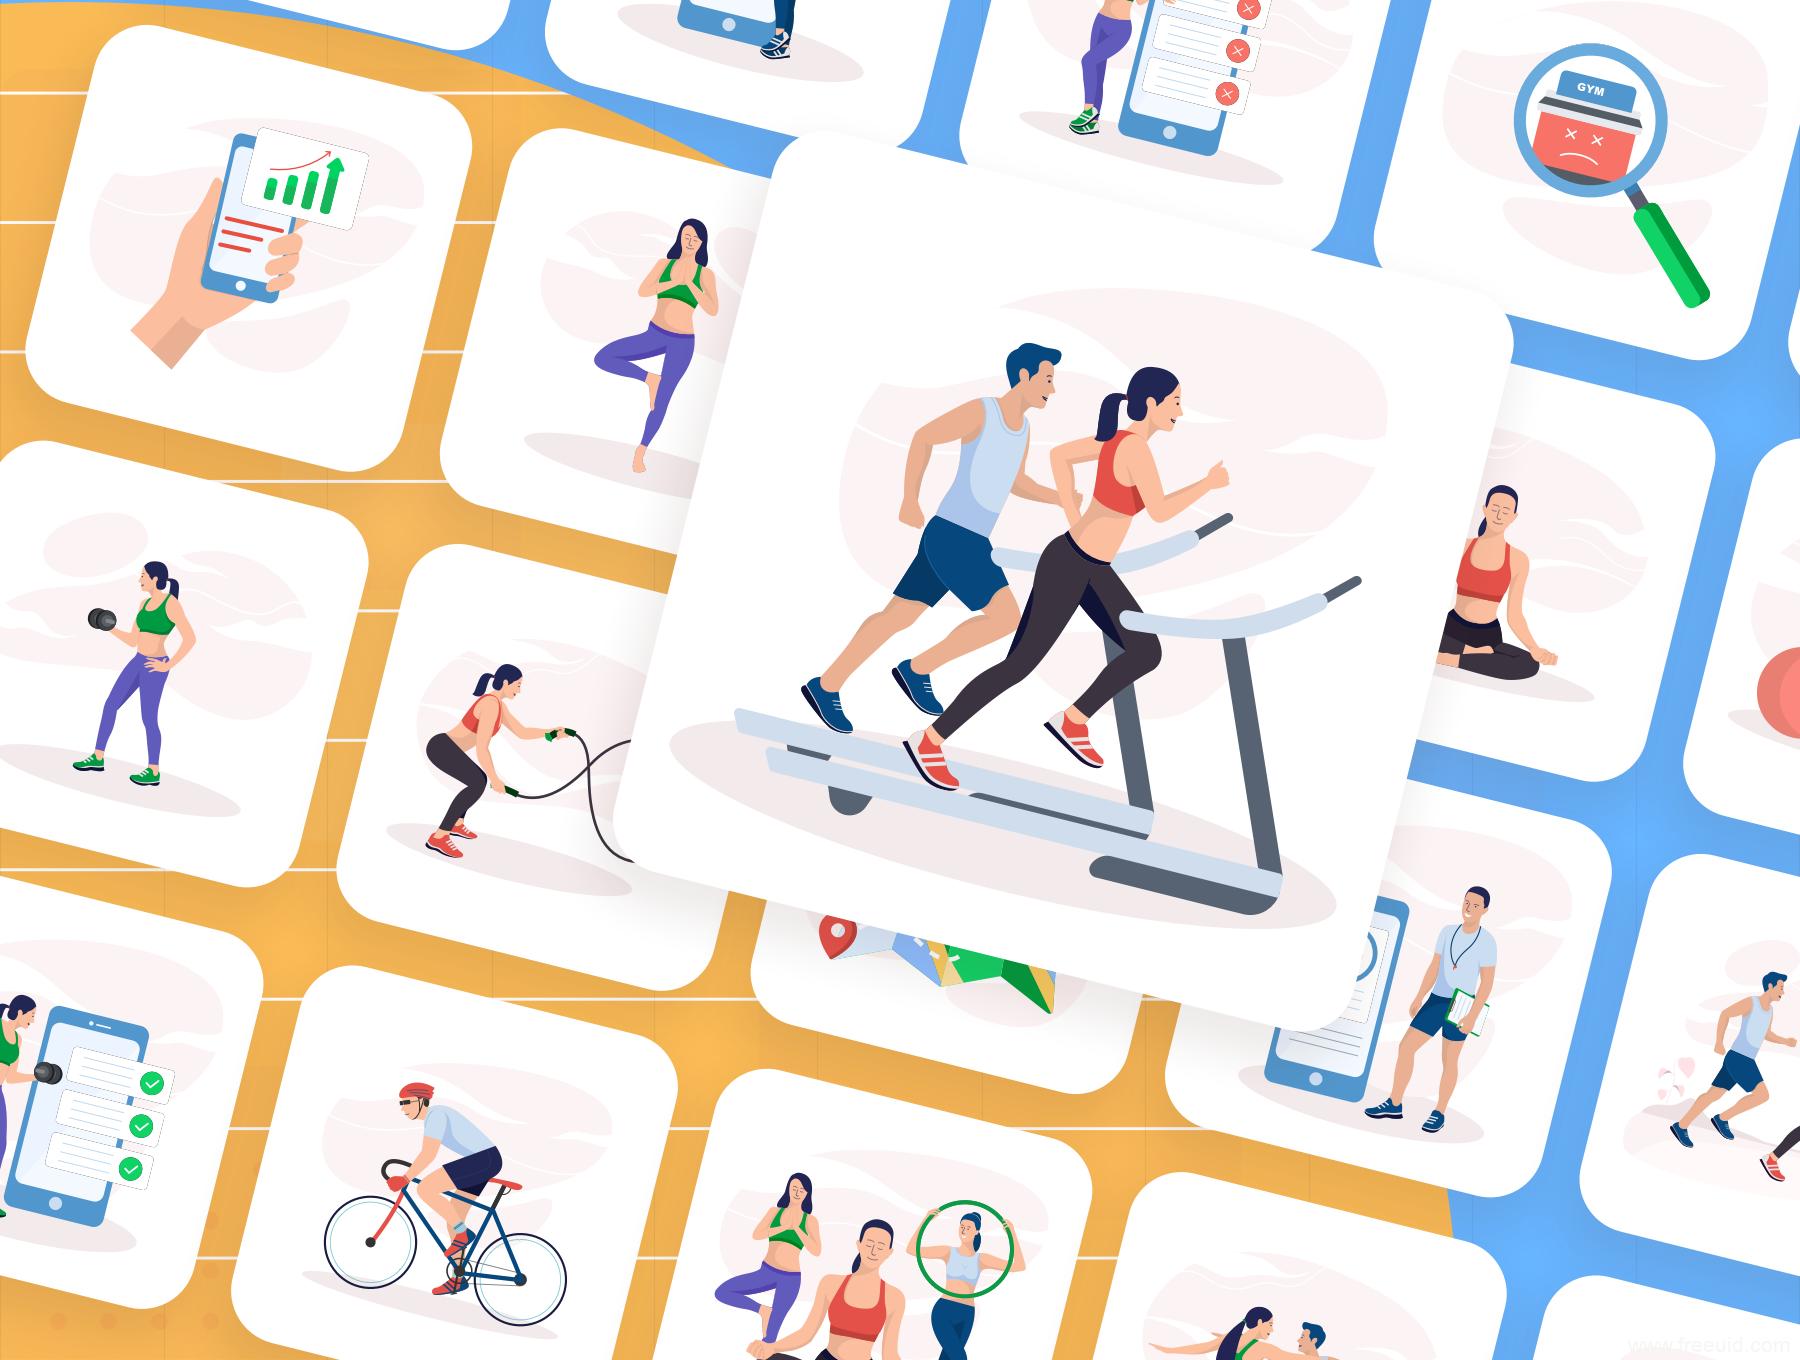 一套运动健身运营插画套装ai、sketch源文件下载,20张现代体育运动矢量插画集下载